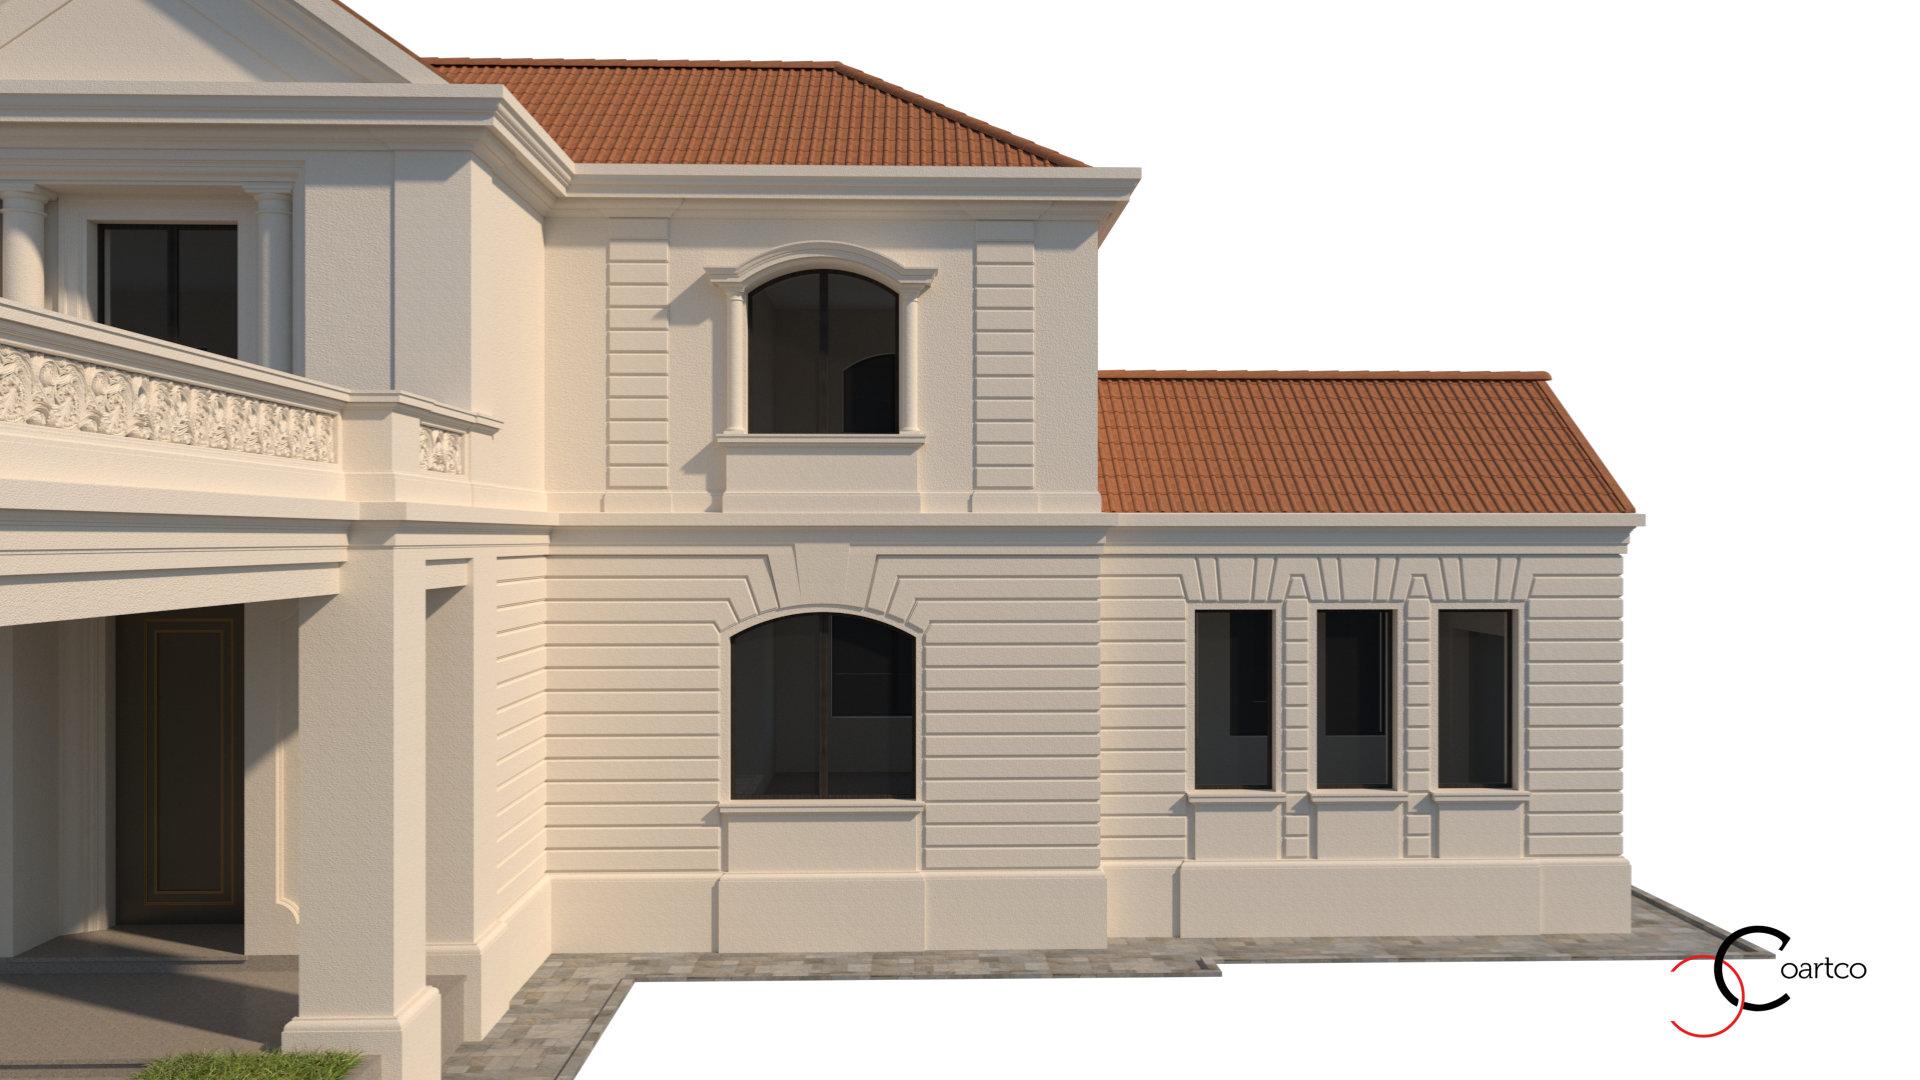 proiect-culori-case-exterior